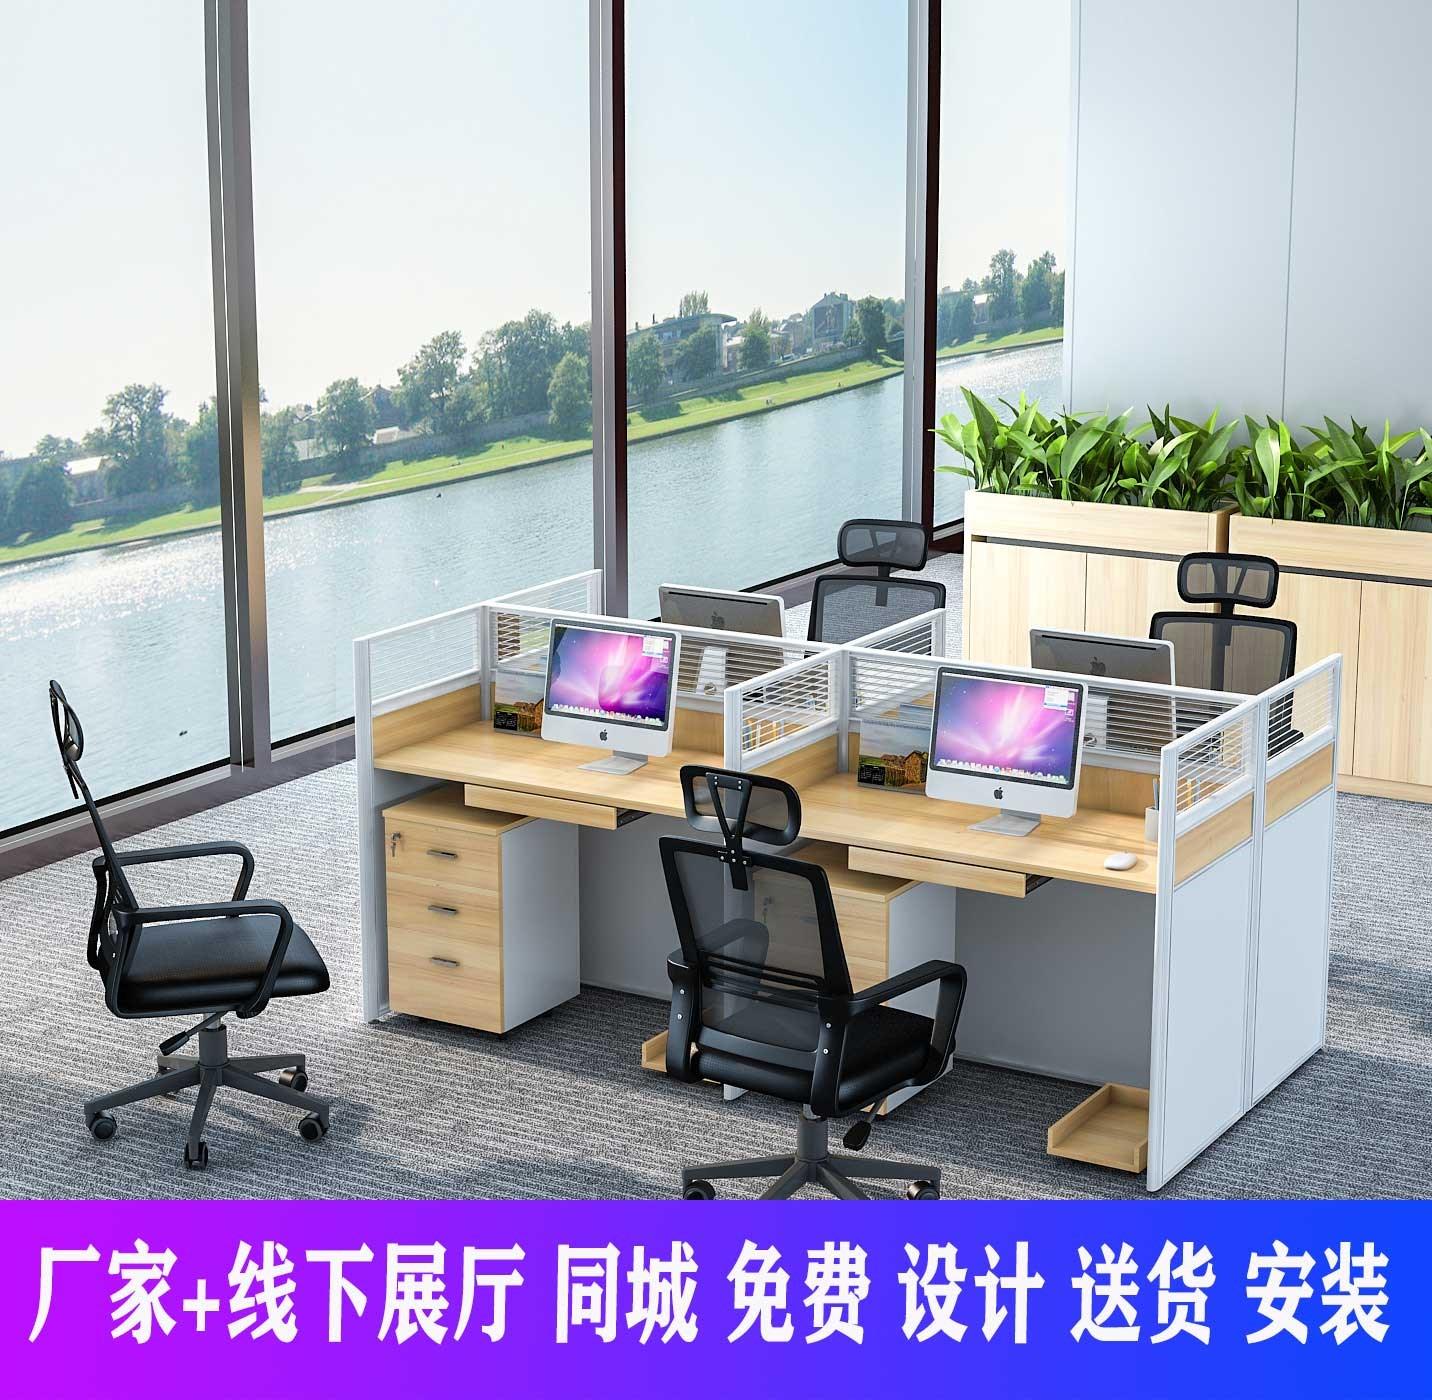 商业办公室家具简约现代公司职员1.4米电脑办公桌组合4人屏风卡位